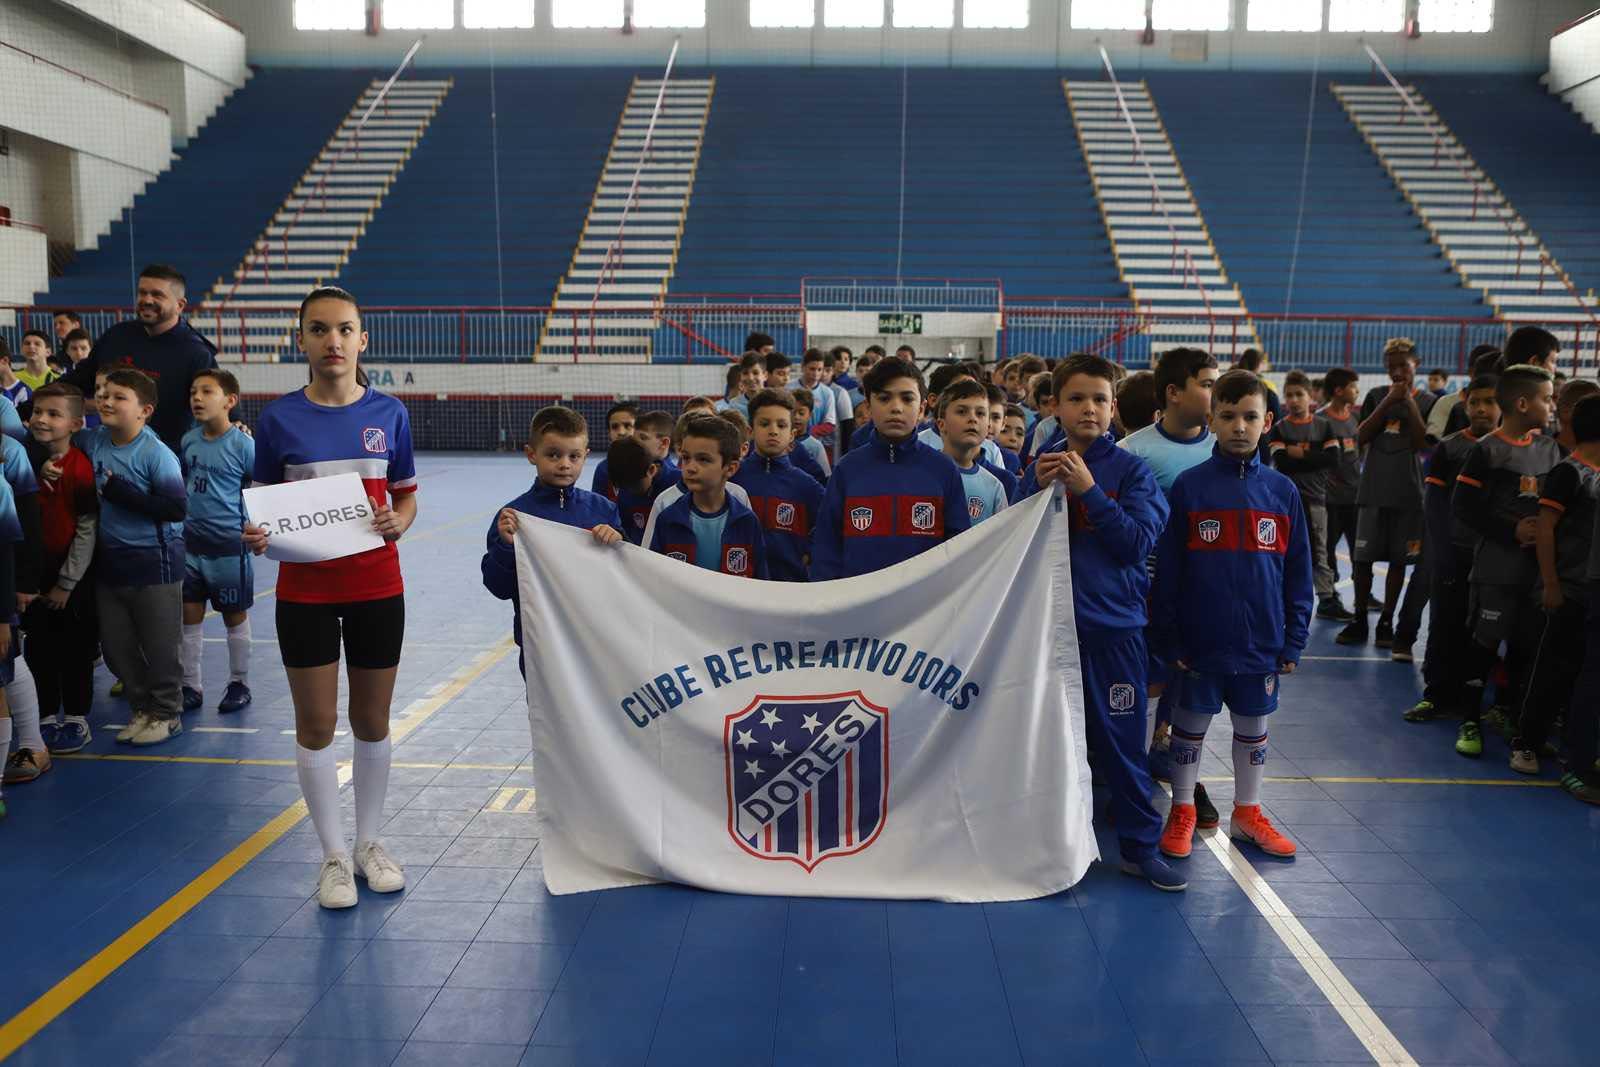 Dores/Pampeiro de Futsal: tudo o que você precisa saber!